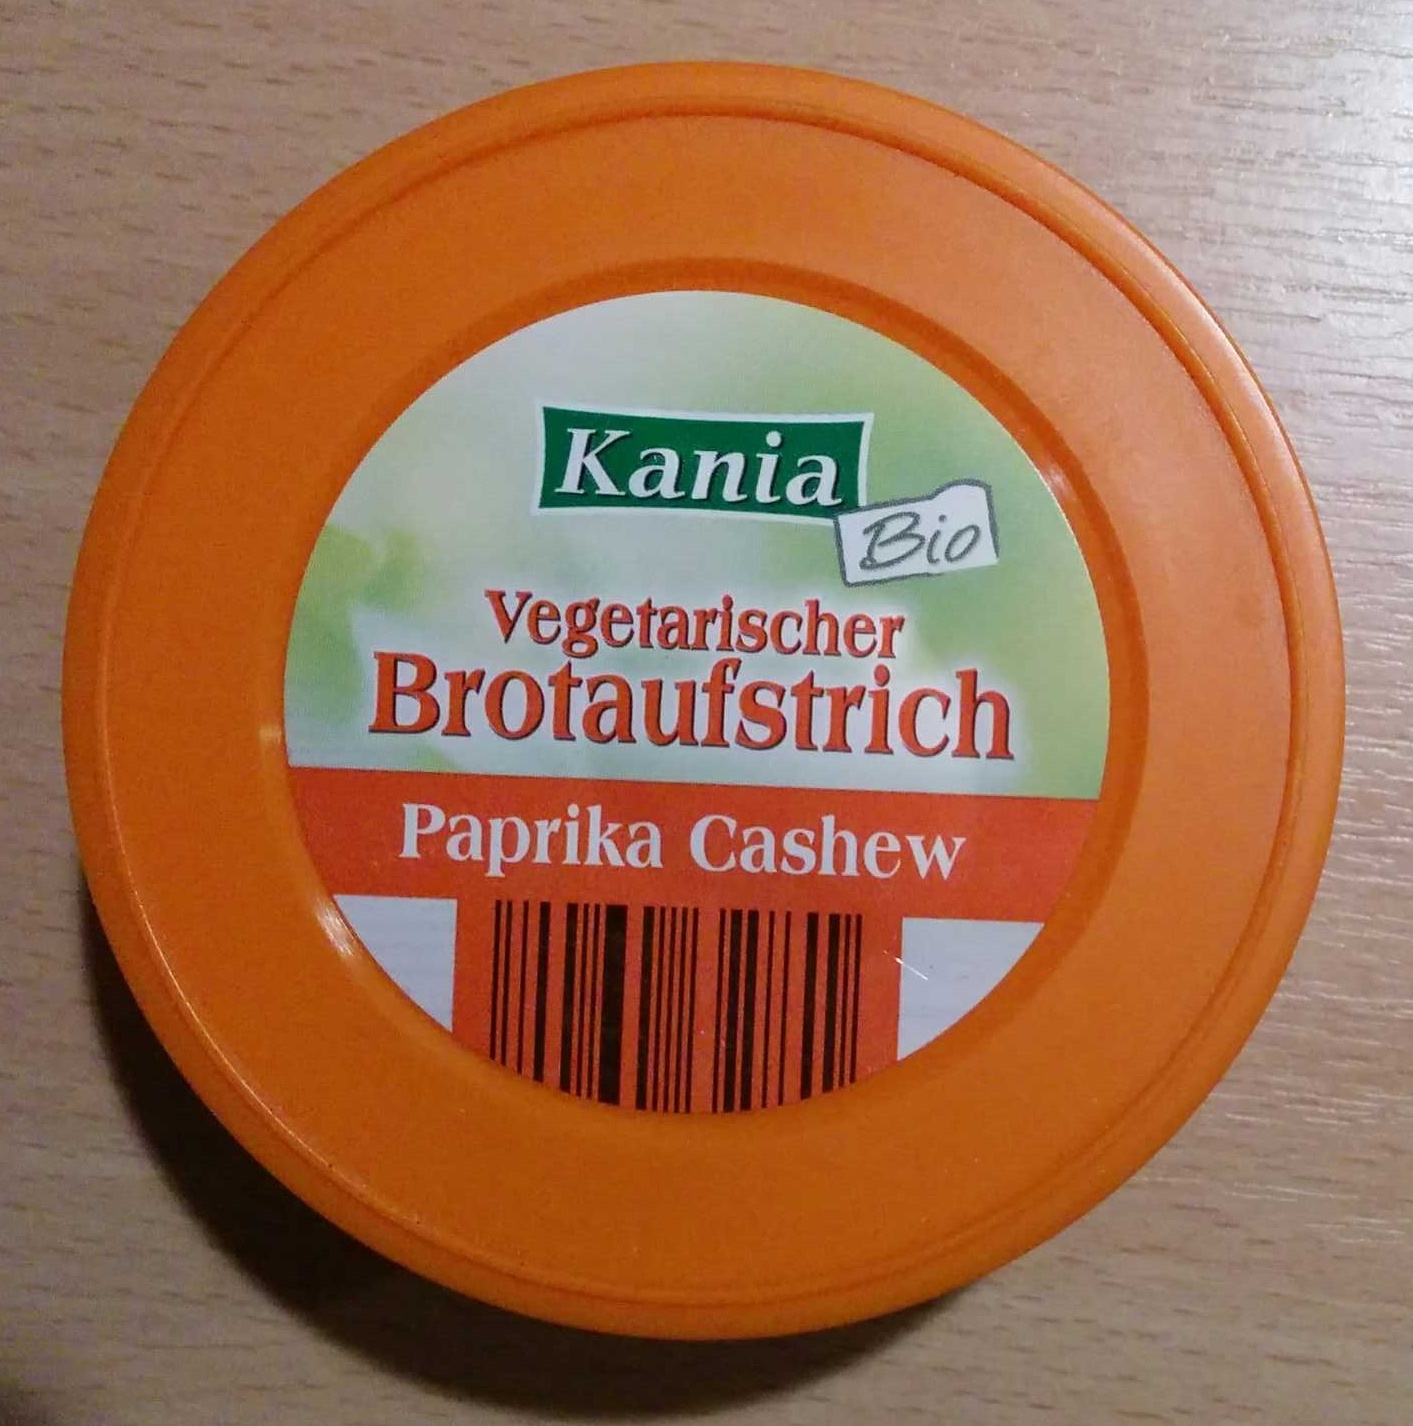 Vegetarischer Brotaufstrich Paprika Cashew - Product